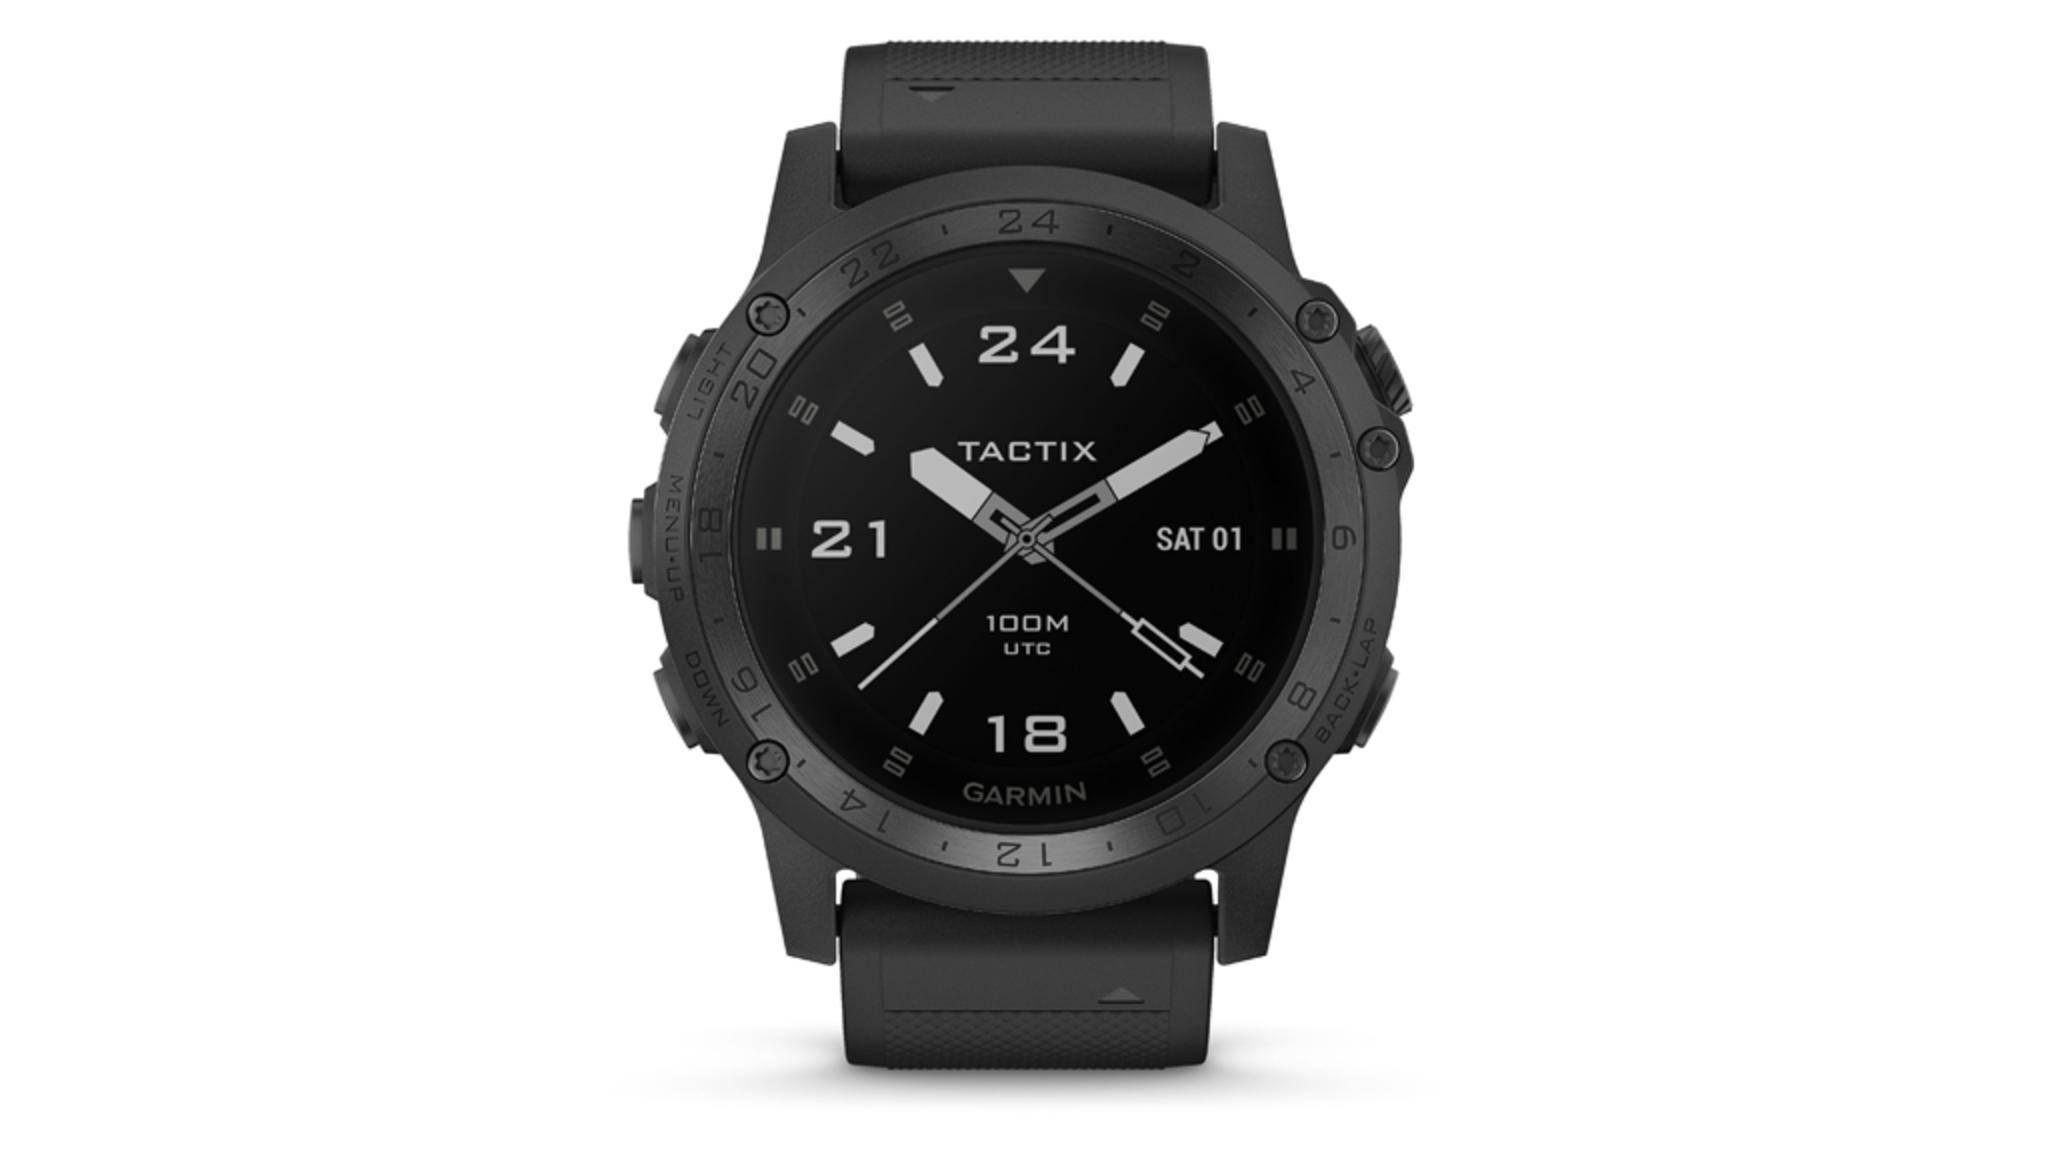 Die Garmin-Smartwatch tactix Charlie ist robust – und kommt mit praktischen Features für Outdoor-Profis daher.